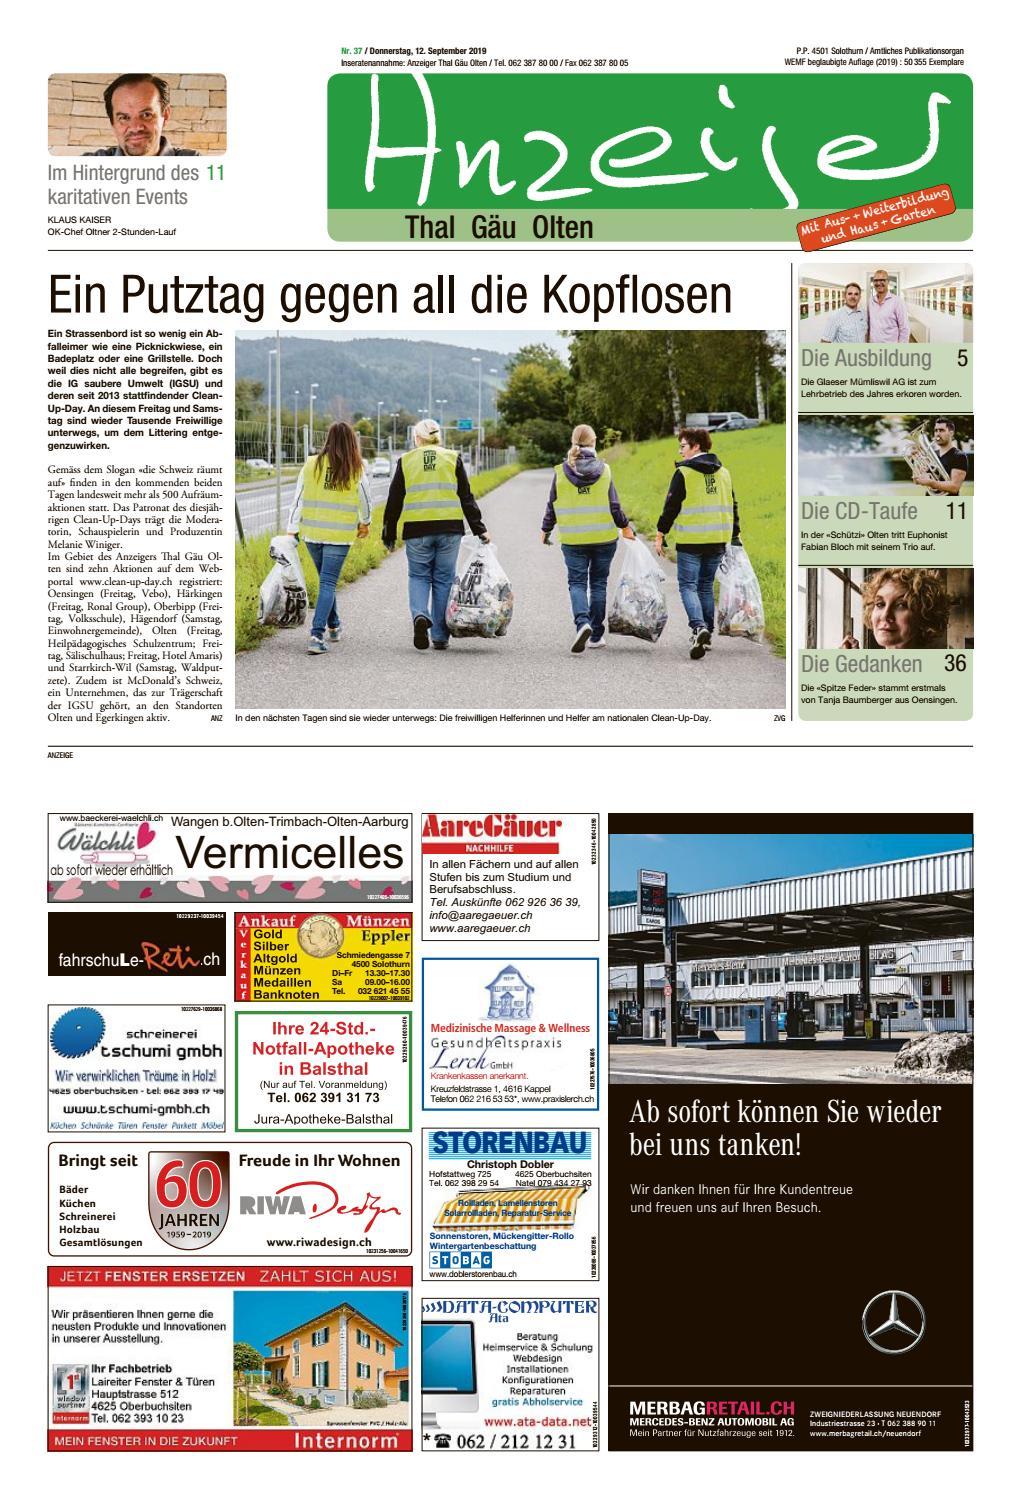 News - mallokat.com - Internet-Zeitung